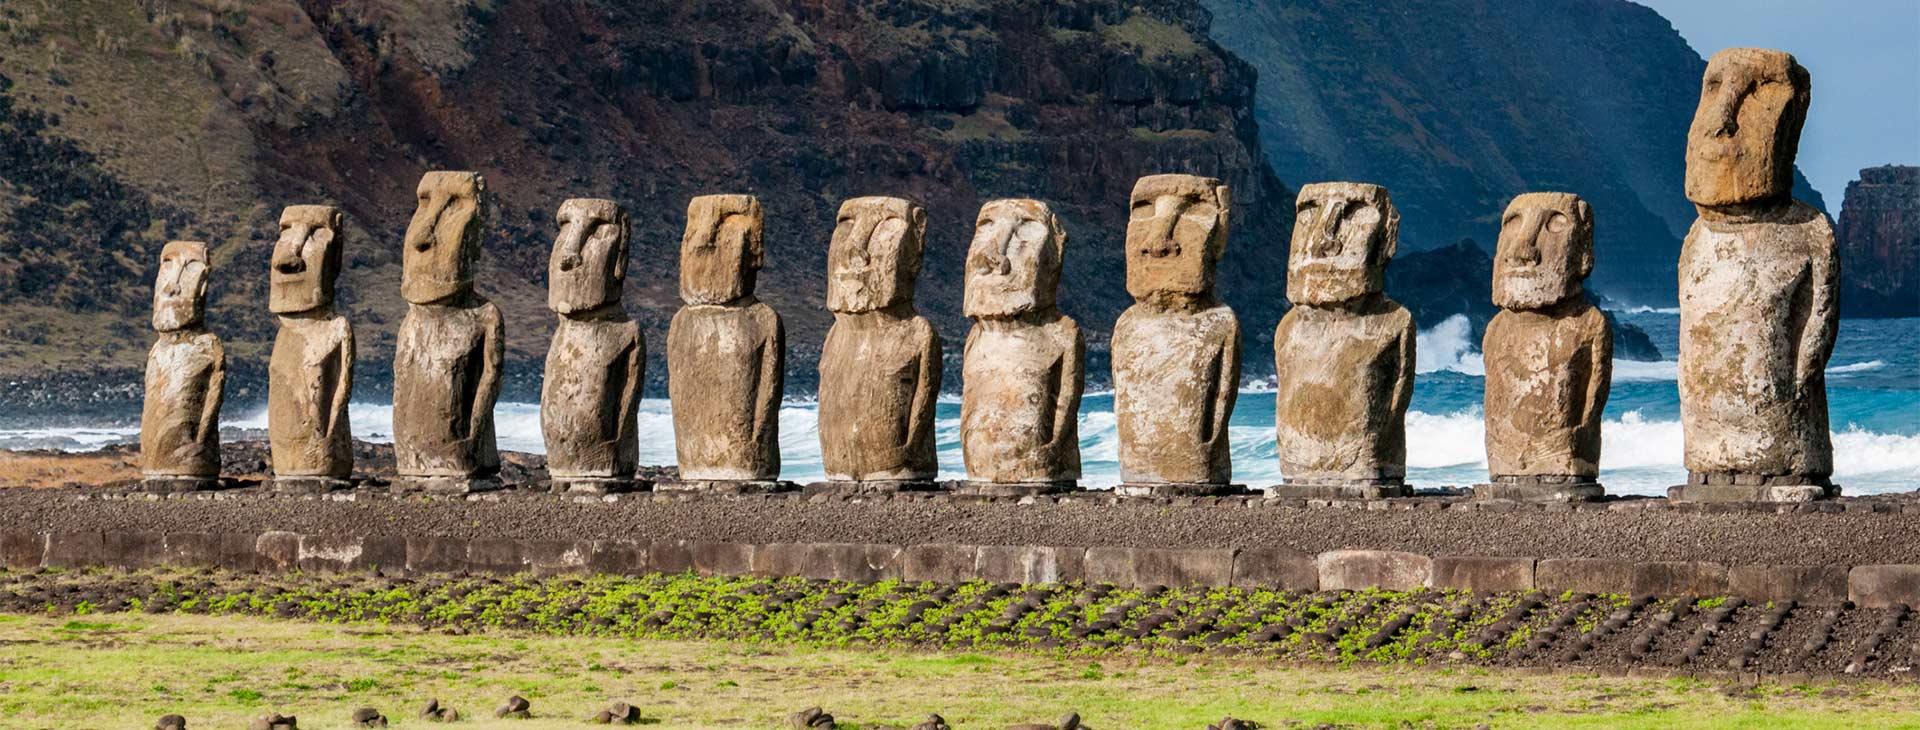 wycieczka objazdowa Argentyna, Chile i Wyspa Wielkanocna